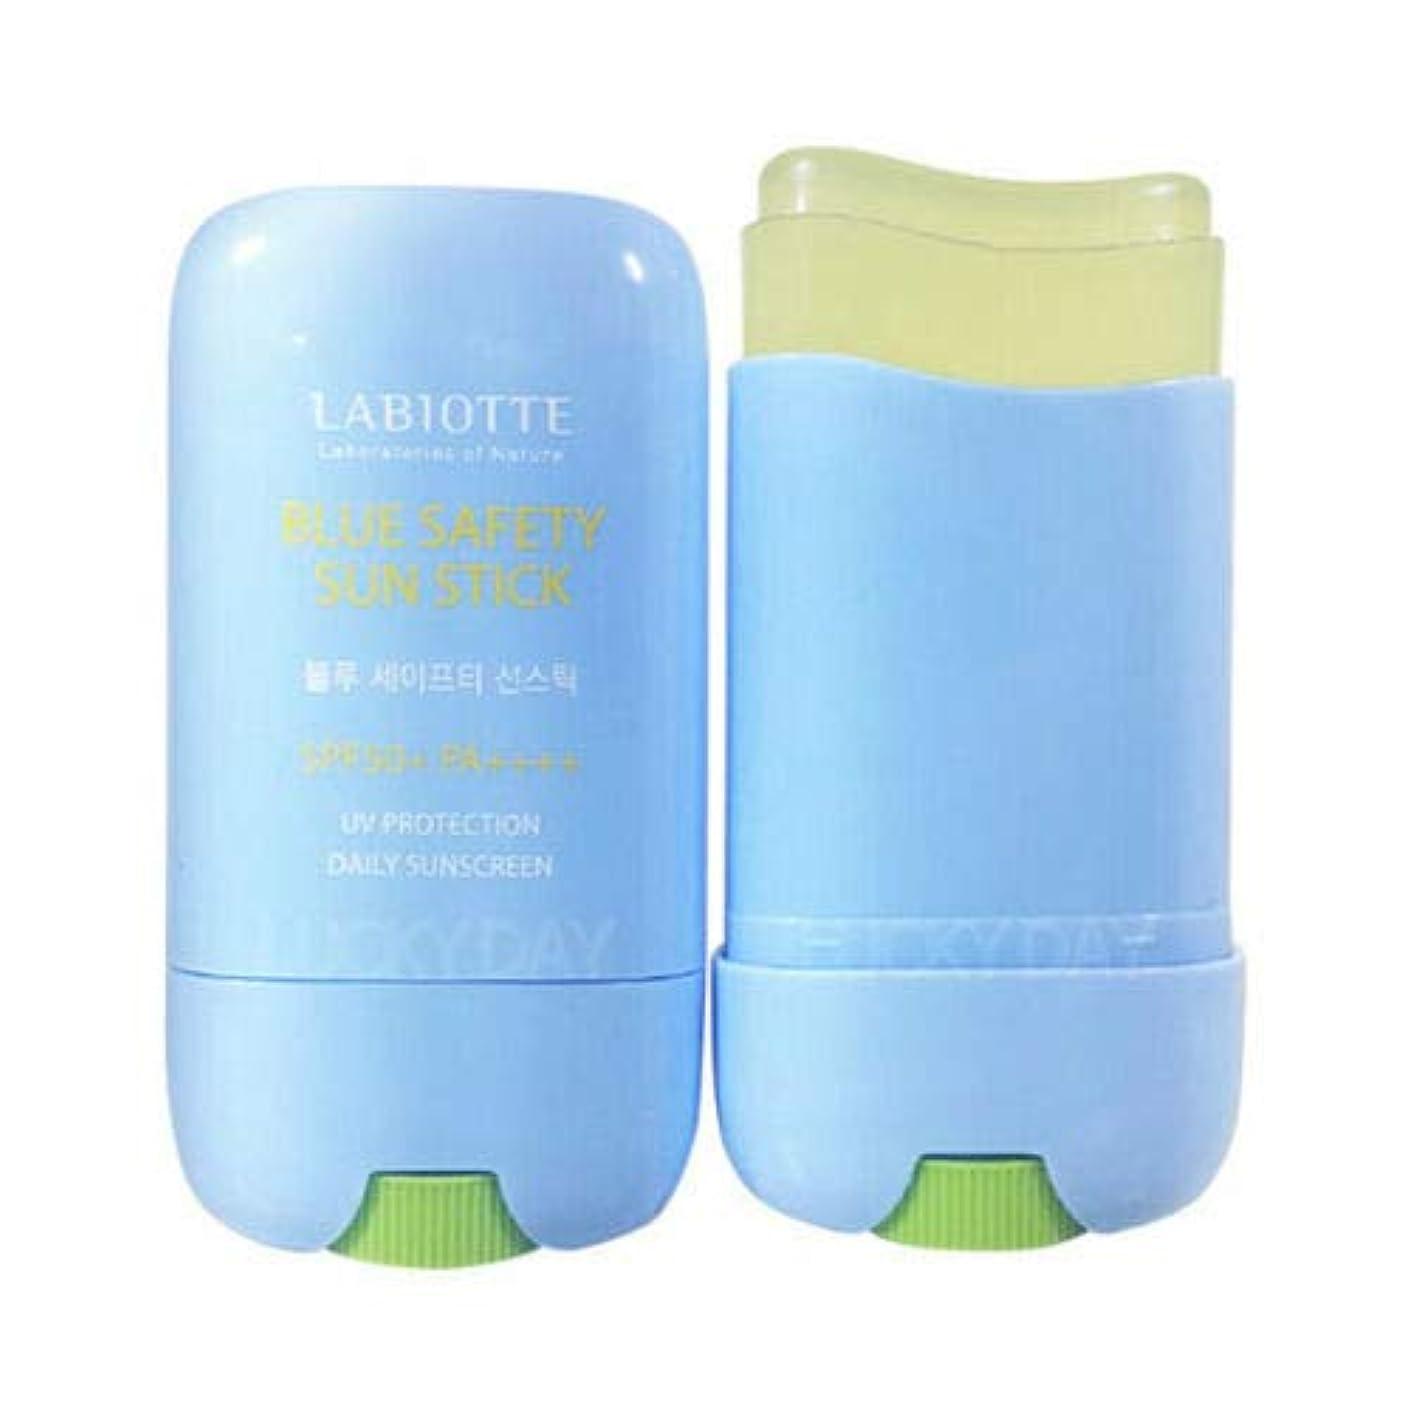 マーティフィールディング明らか自分LABIOTTE ラビオッテ ブルーセーフティーサンスティック 25g SPF50+ PA++++ Blue Safety Sun Stick 韓国日焼け止め